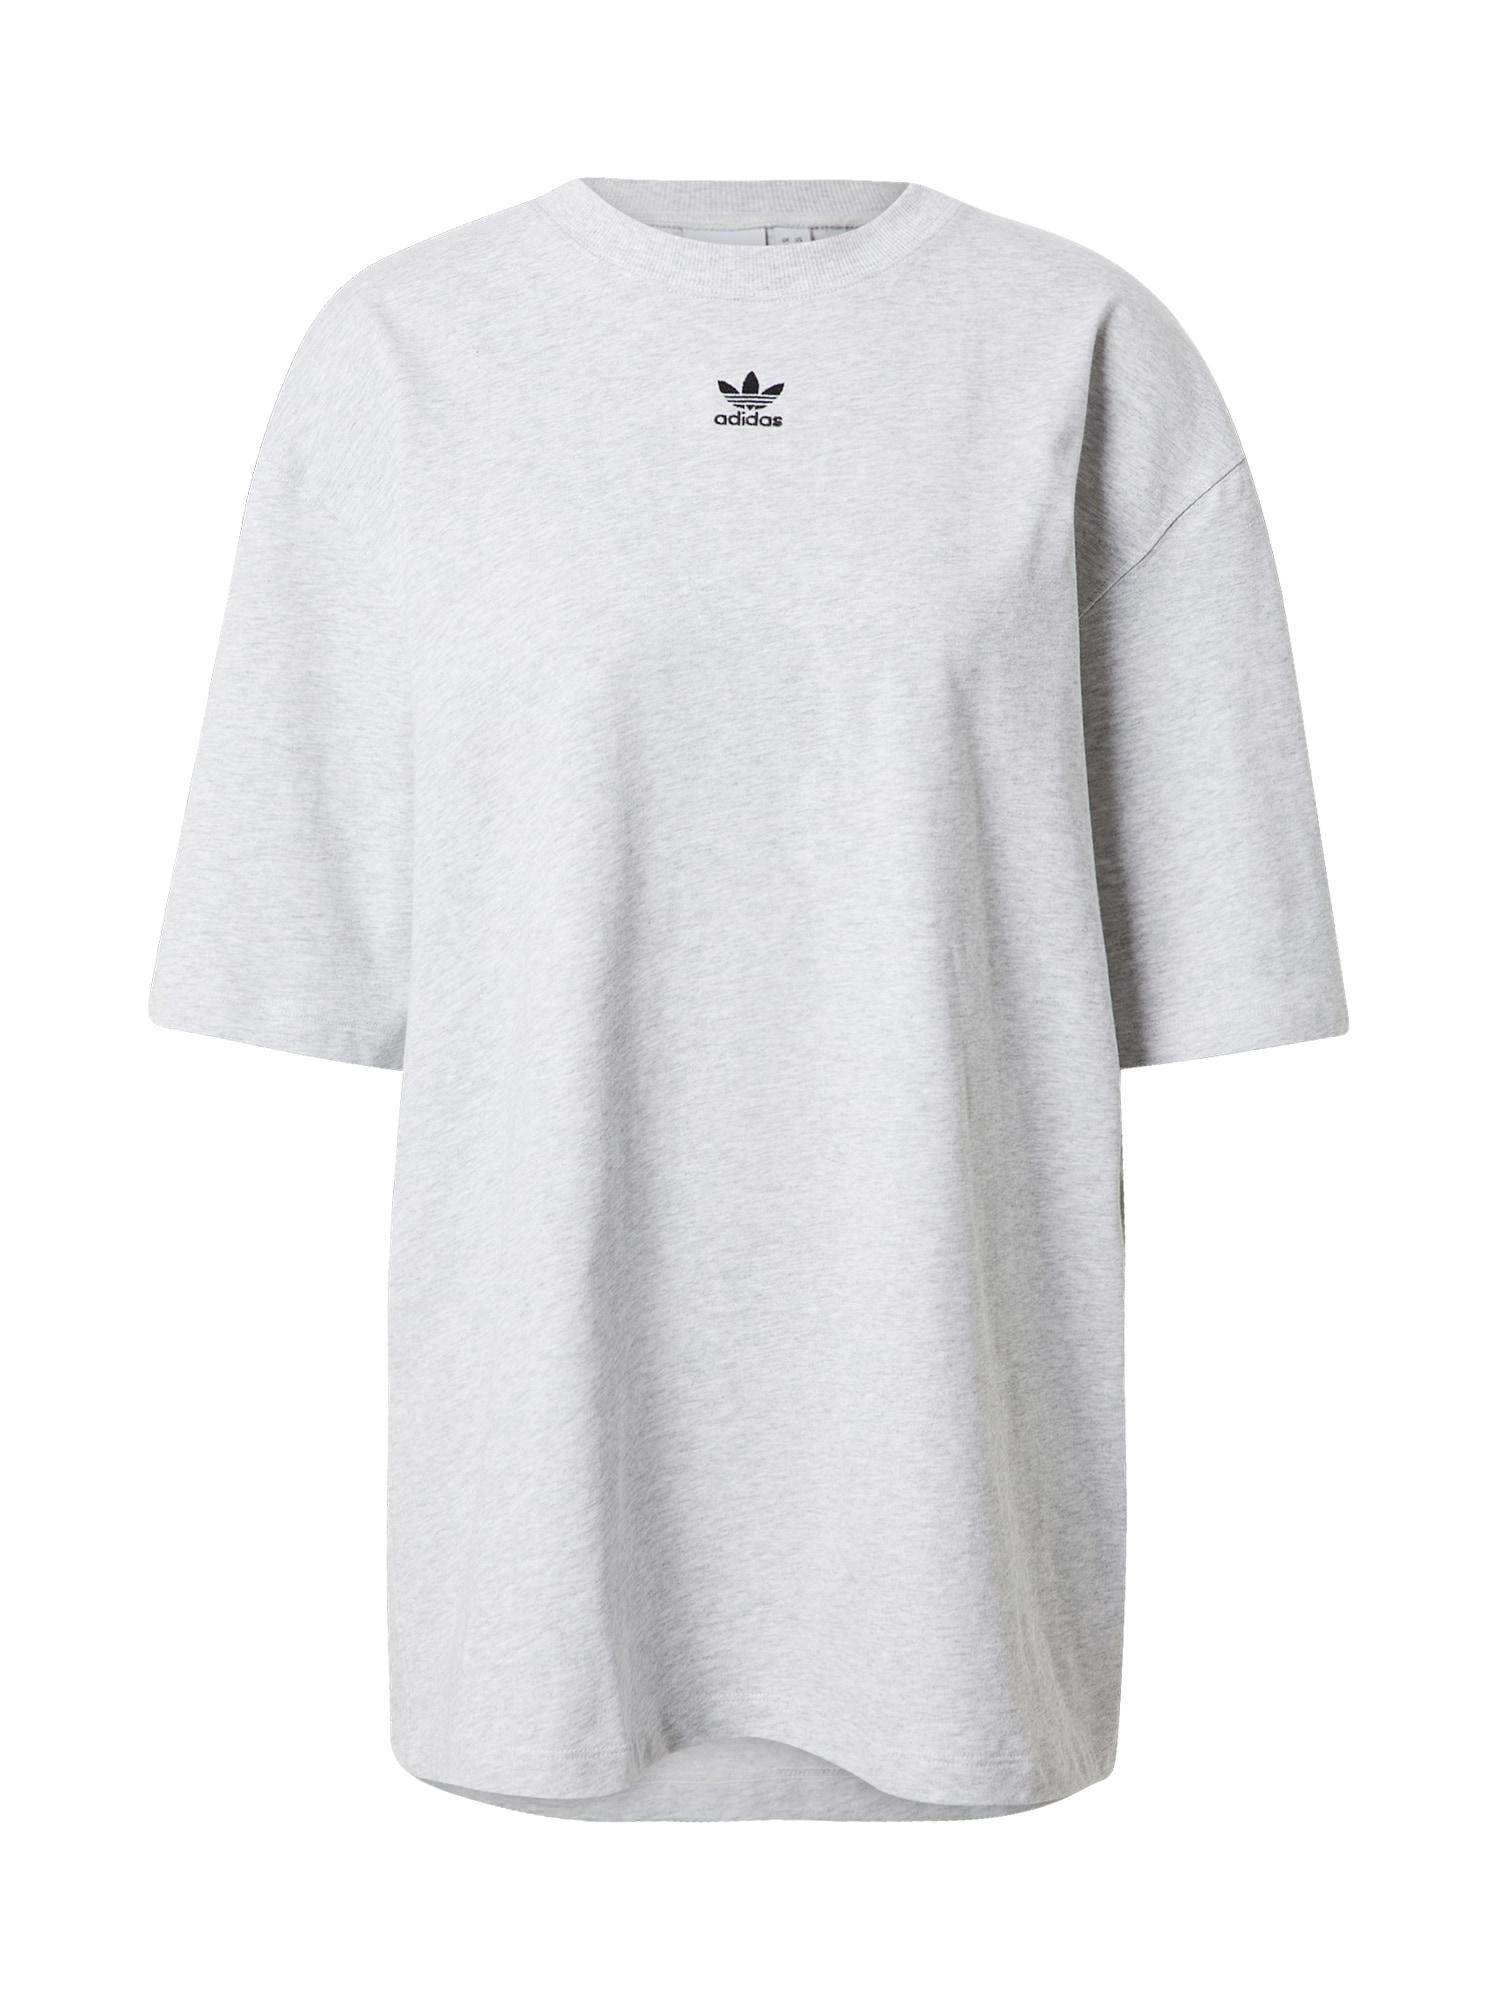 ADIDAS ORIGINALS Marškinėliai margai pilka / juoda